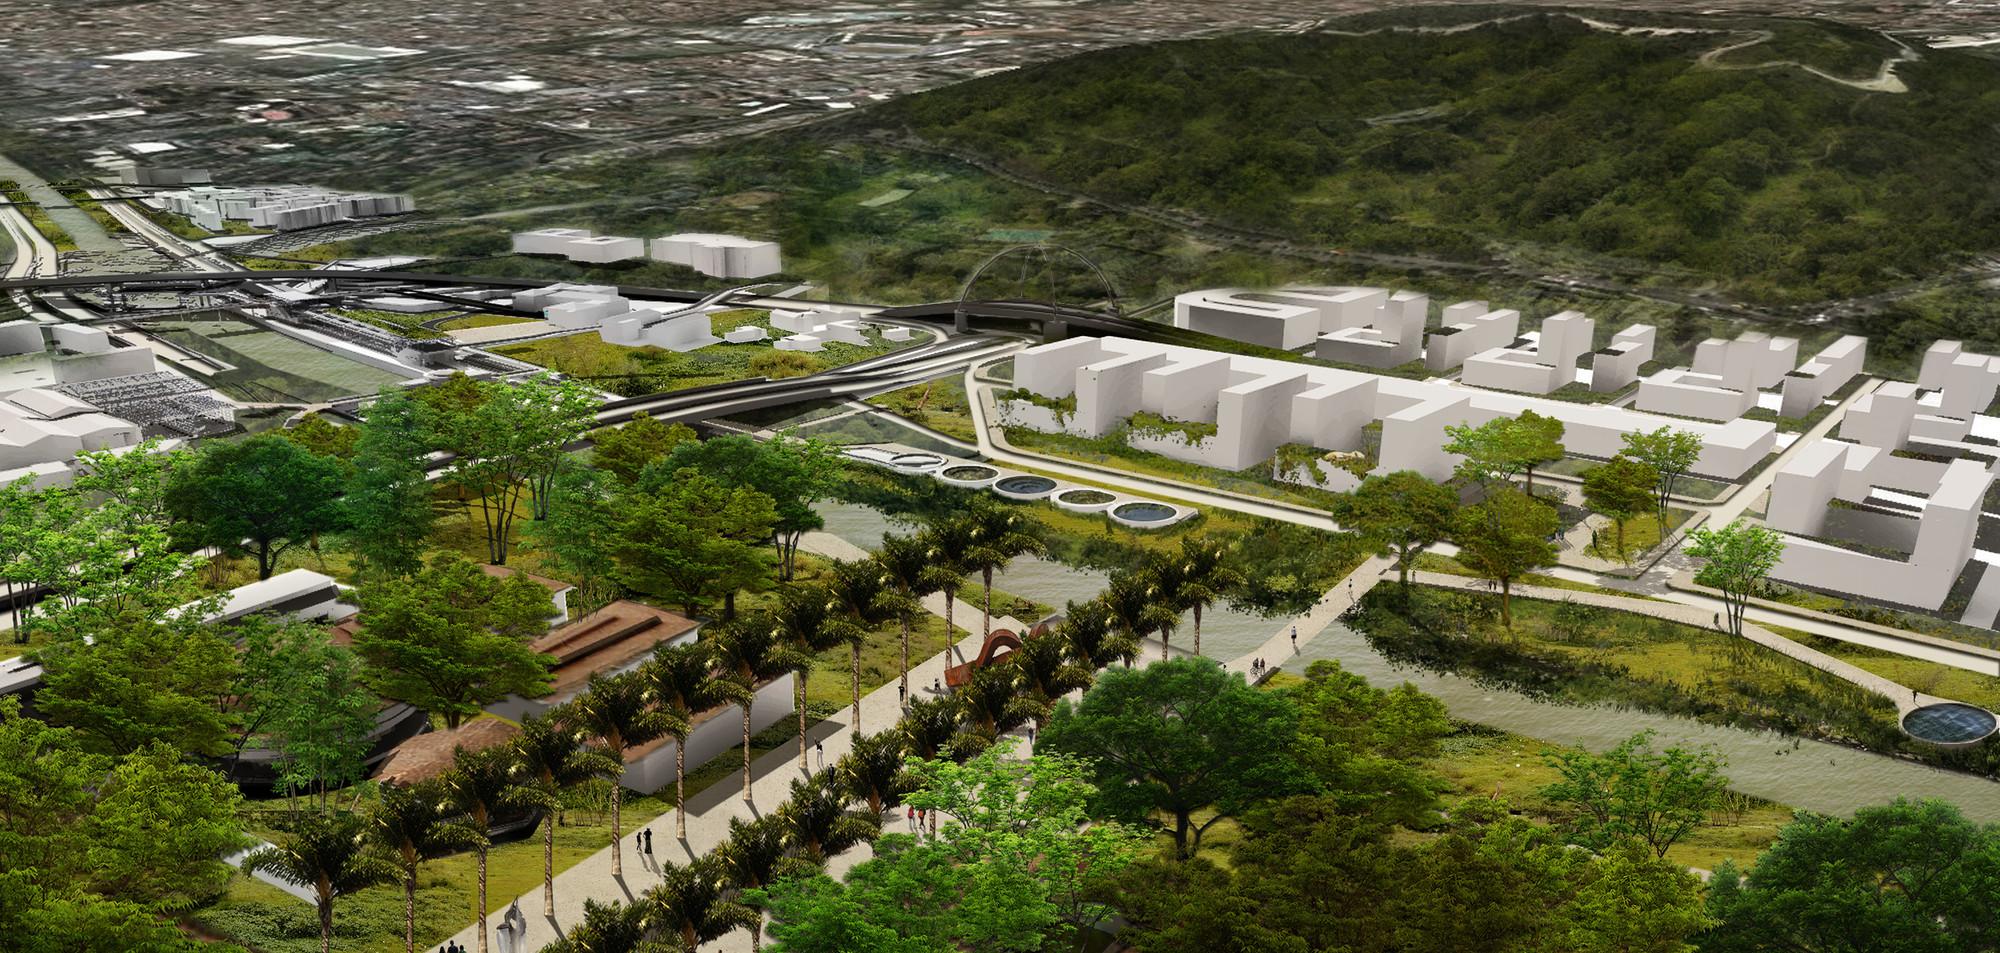 Universidad de Antioquía. Image Courtesy of Equipo Segundo Lugar